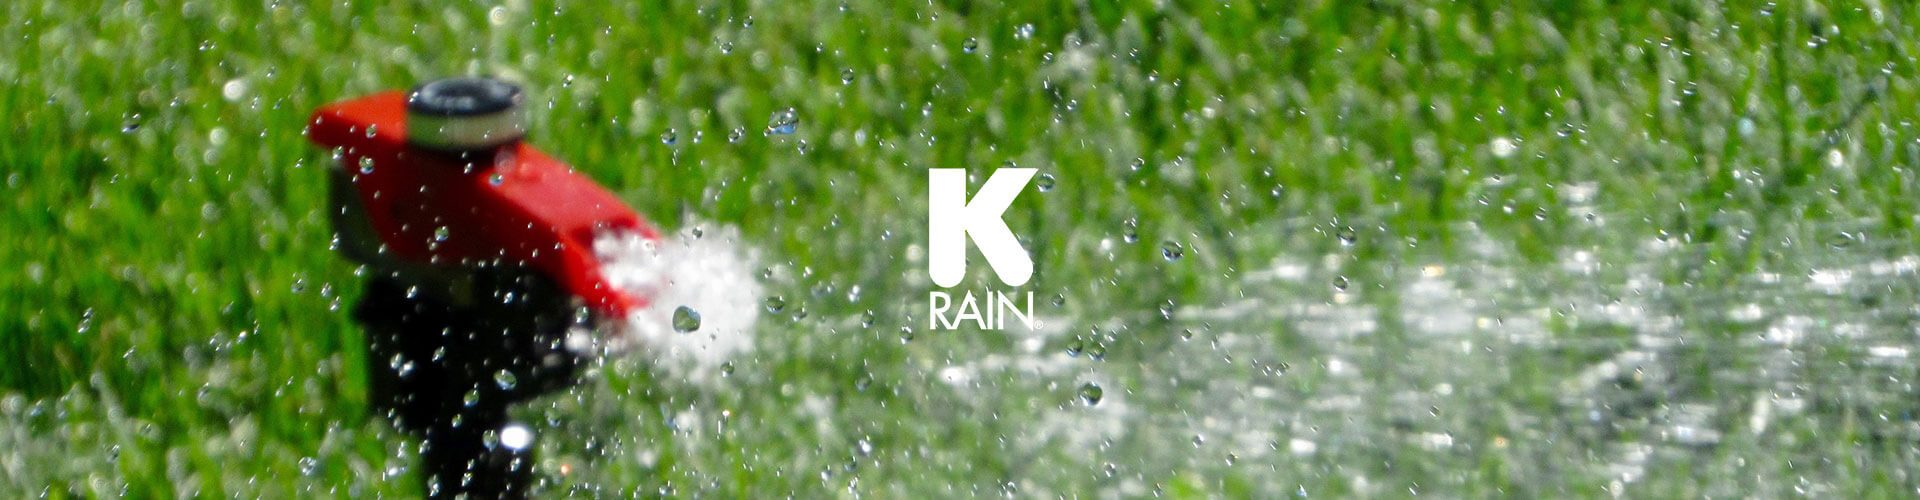 K-rain | Grama-trgovina | Navodnjavanje